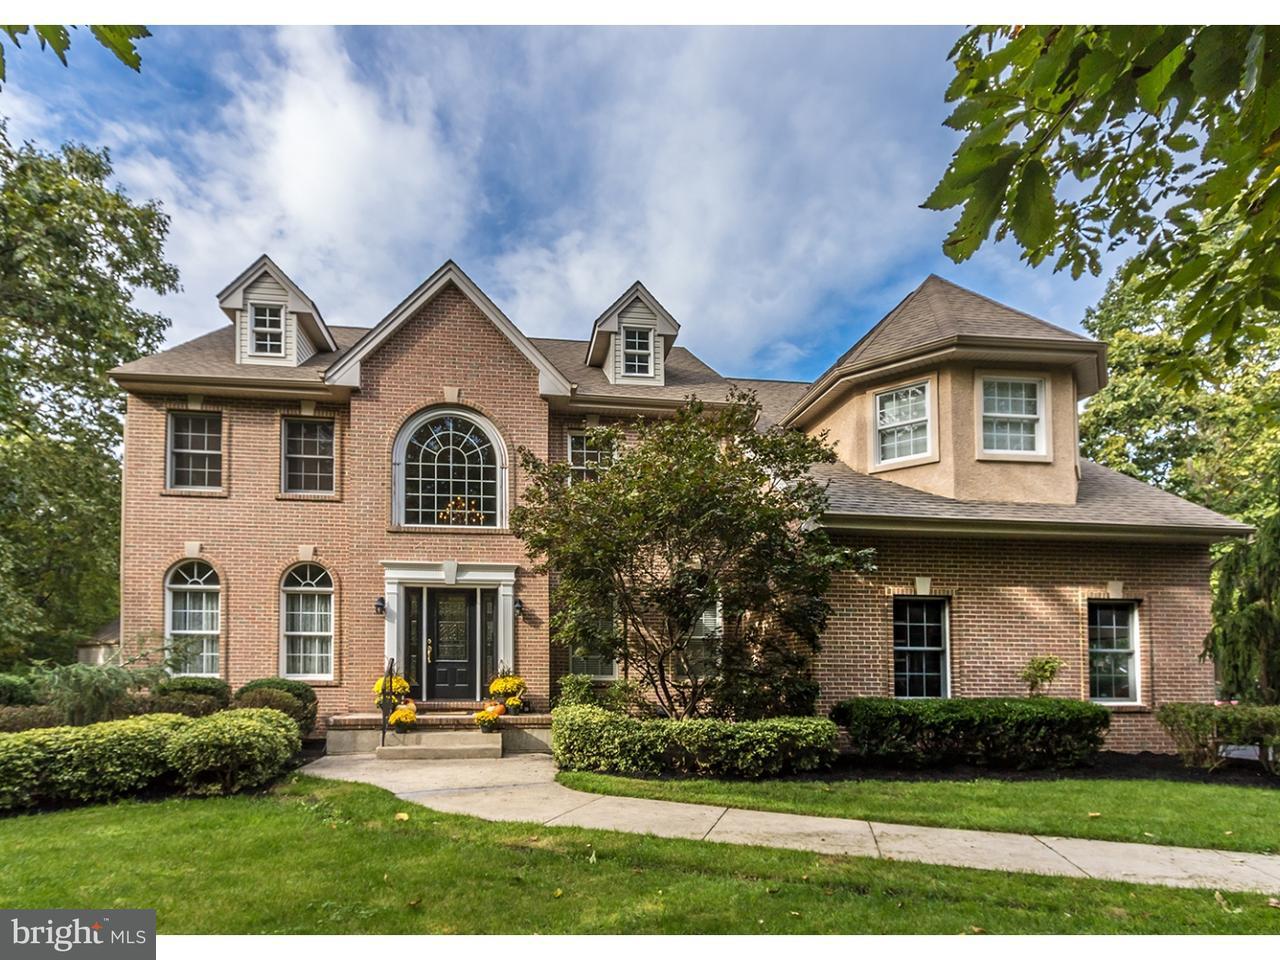 Casa Unifamiliar por un Venta en 2 THOMAS EAKINS WAY Marlton, Nueva Jersey 08053 Estados Unidos